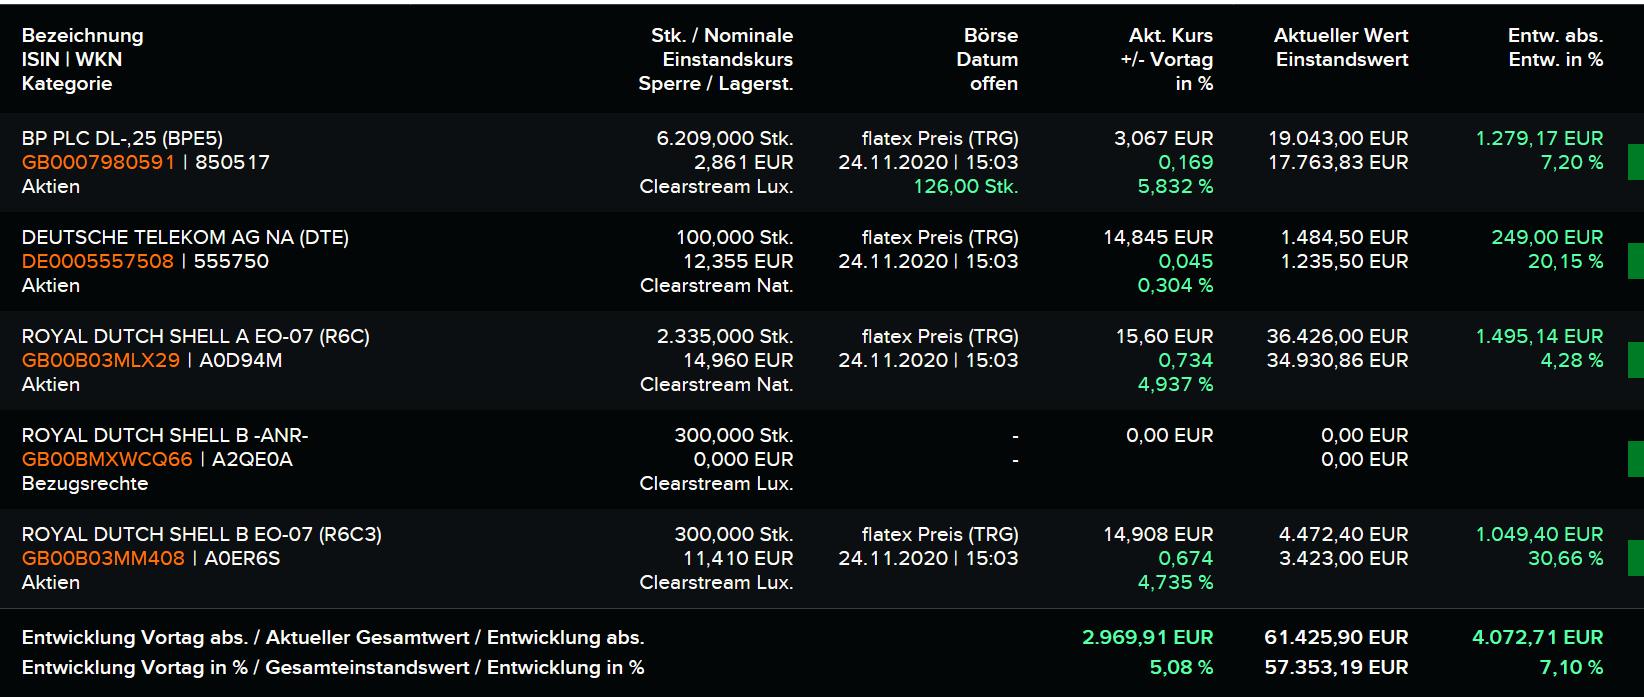 screenshot_2020-11-24_onlinebanking.png